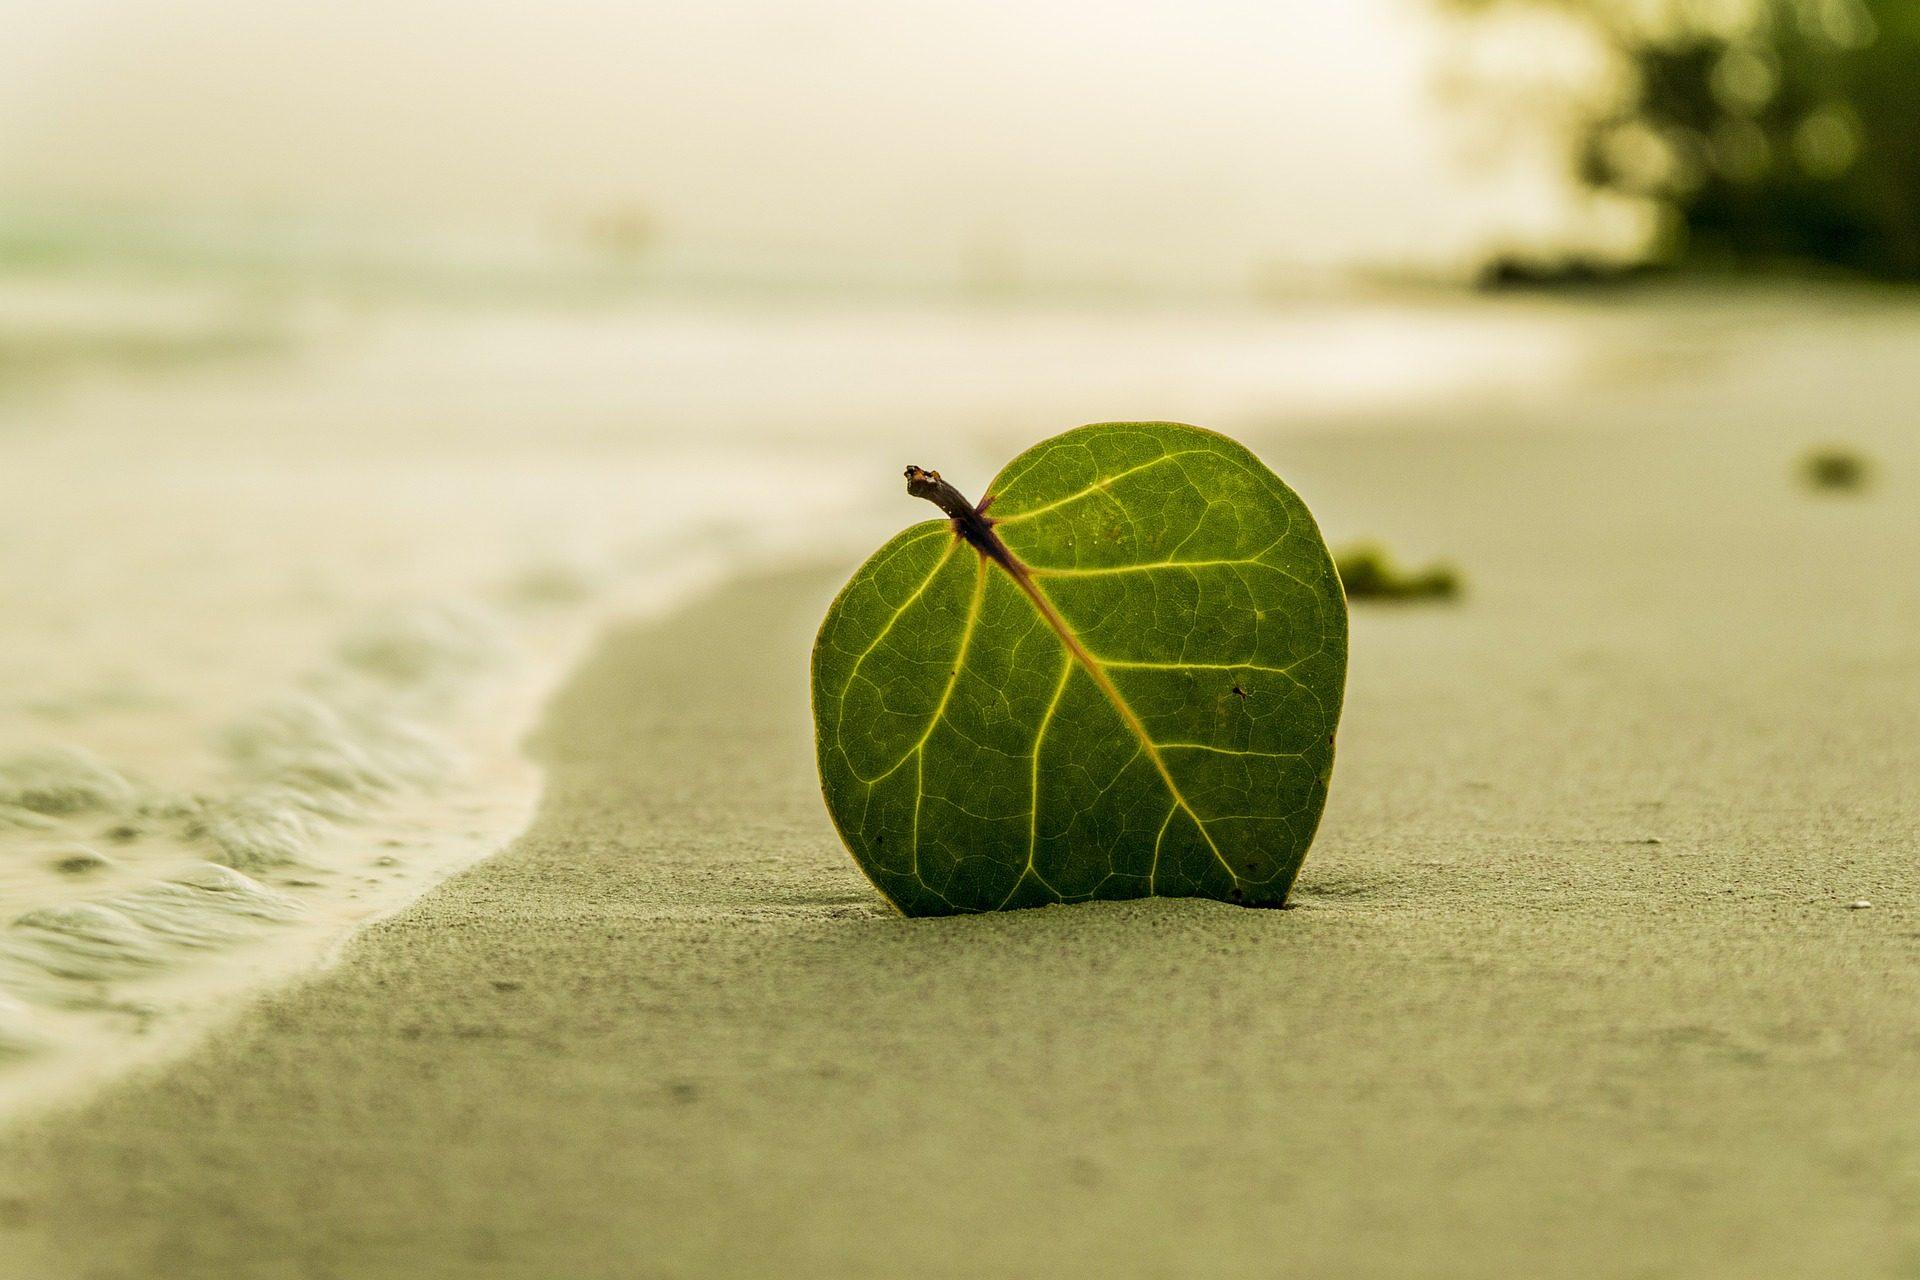 工作表, 海滩, 沙子, unión, 海 - 高清壁纸 - 教授-falken.com